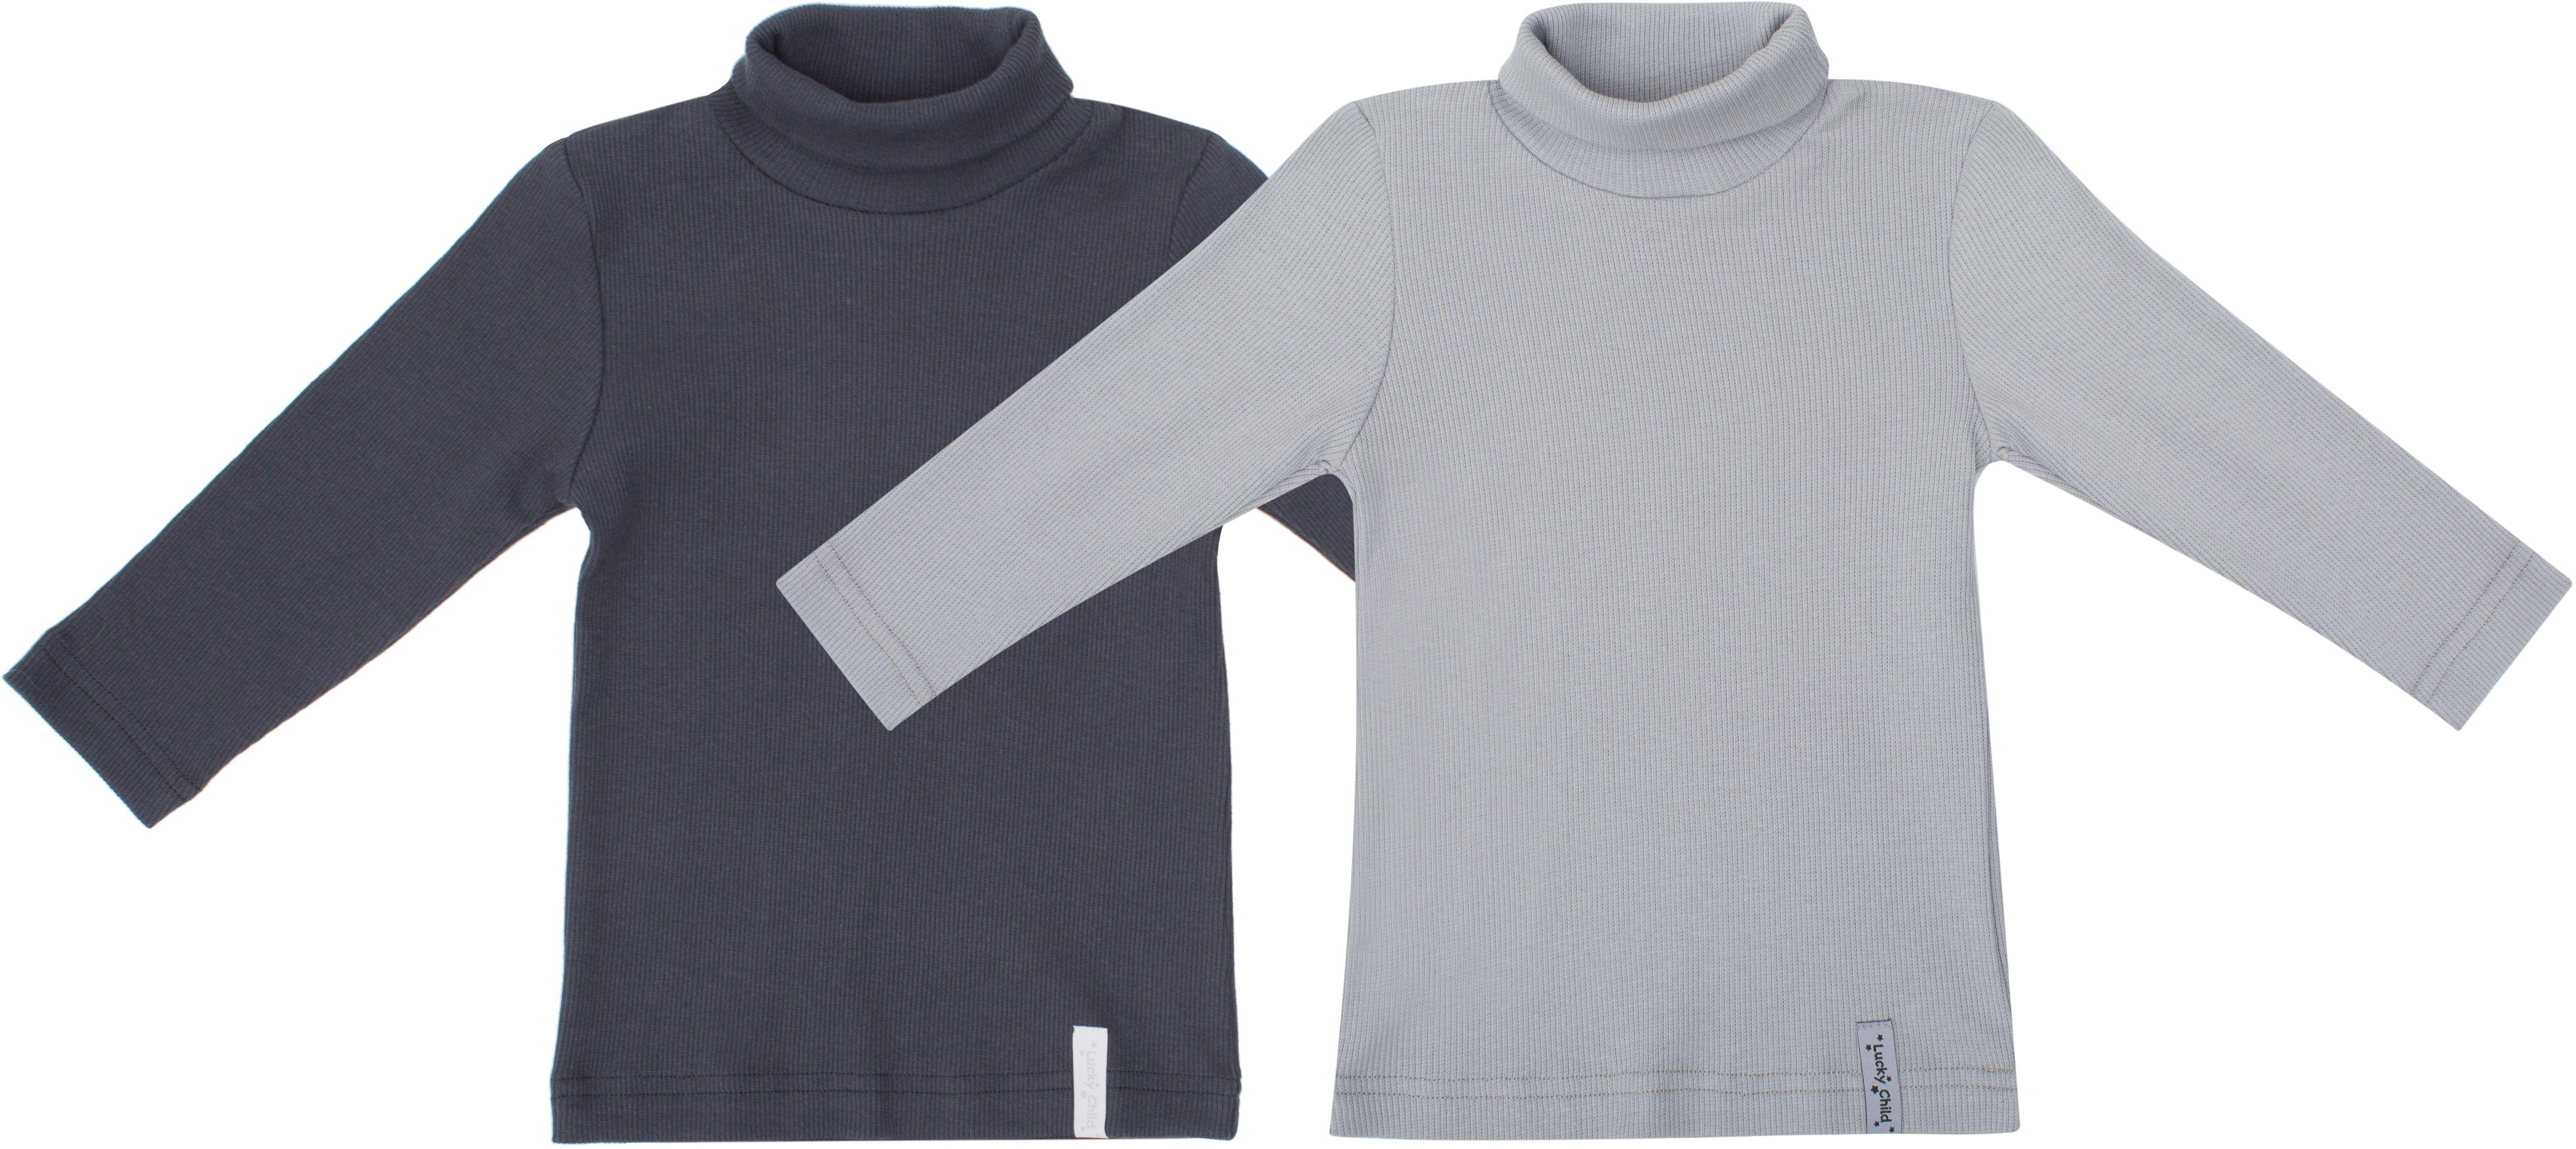 Водолазка для мальчика Lucky Child Дуэт, цвет: серый, темно-серый, 2 шт. 33-23. Размер 92/9833-23Водолазки давно покорили все мировые подиумы. Этот предмет одежды не только стильный, но ещё и функциональный. Водолазки из коллекции Дуэт представлены в двух базовых цветах, их легко сочетать с любой одеждой.